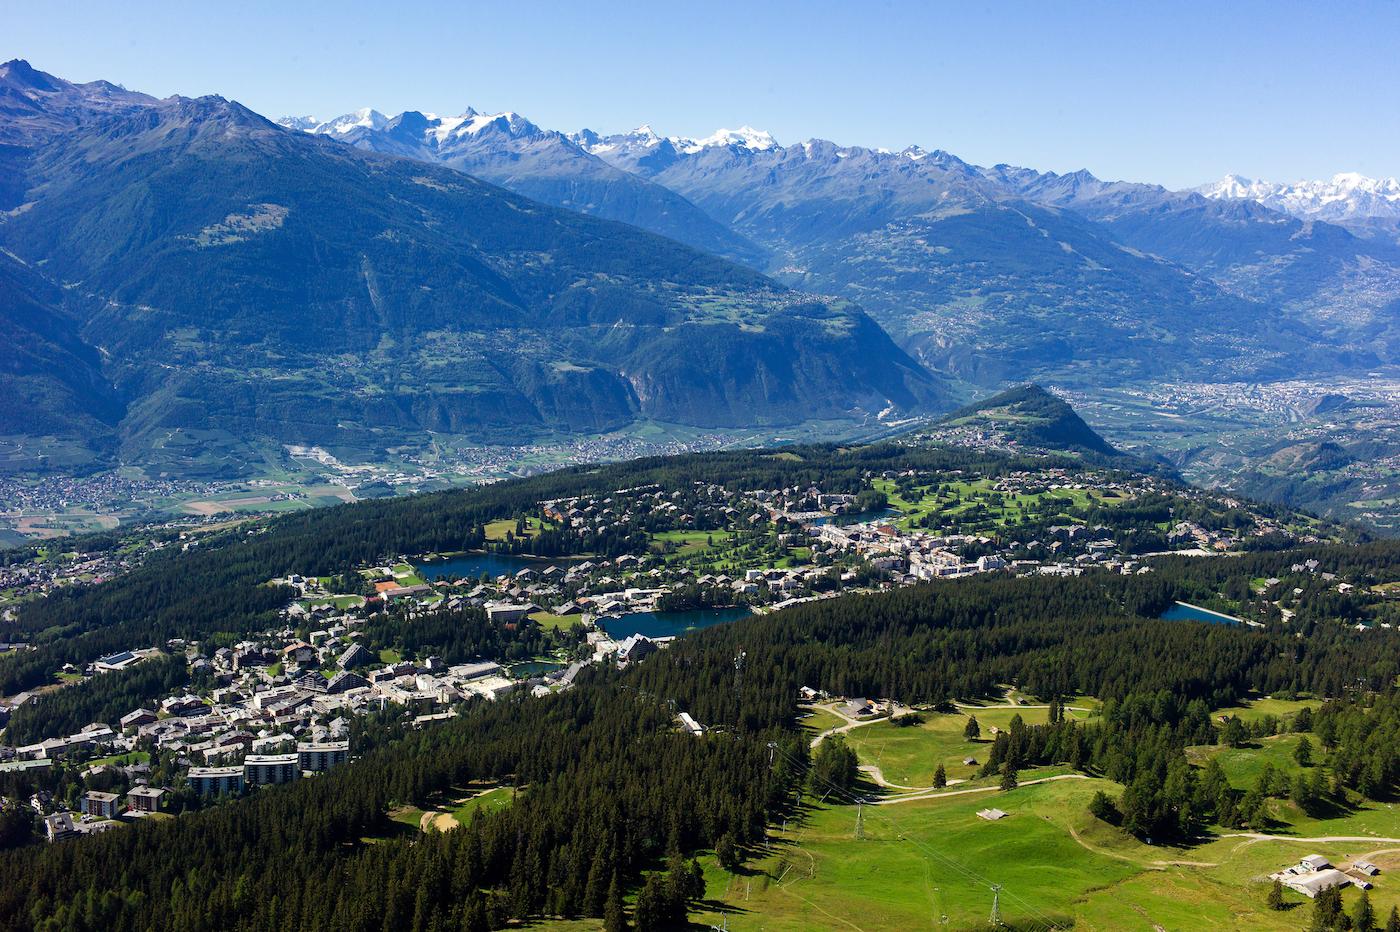 Panorama di Crans-Montana - foto Crans-Montana Tourisme & Congrès/Olivier Maire